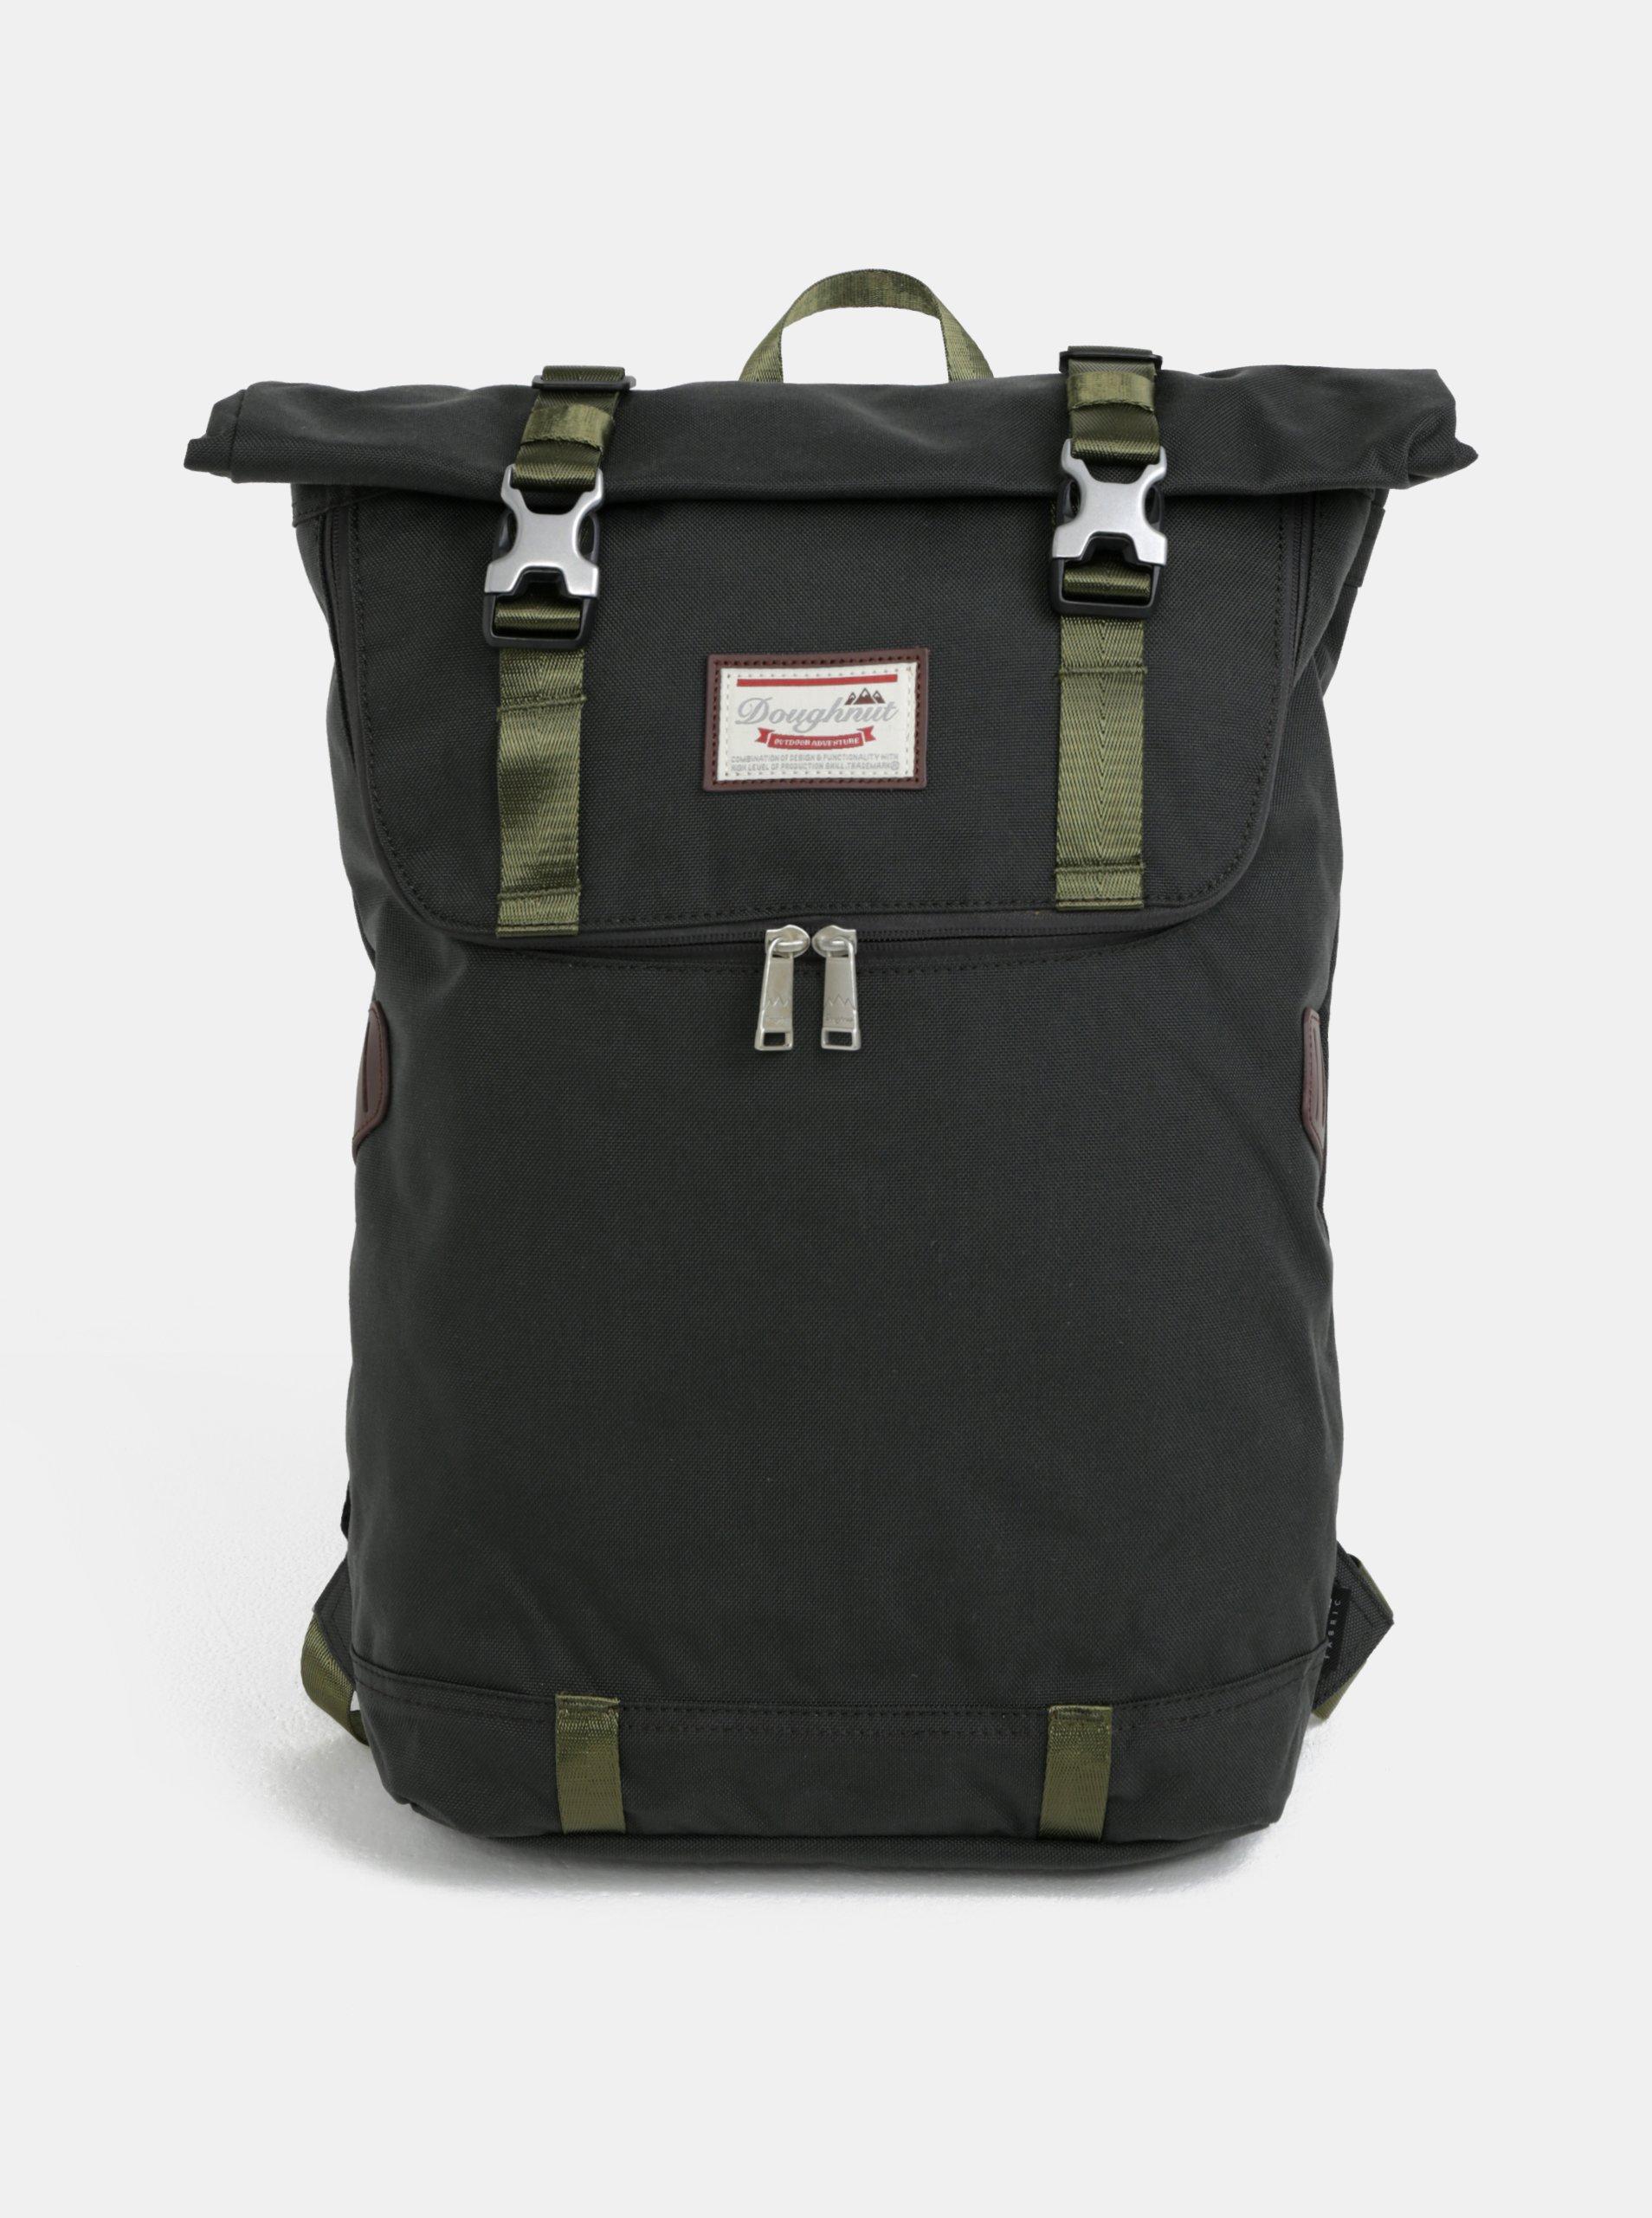 cb02df4ae8 Tmavozelený batoh s koženými detailmi Doughnut Christopher